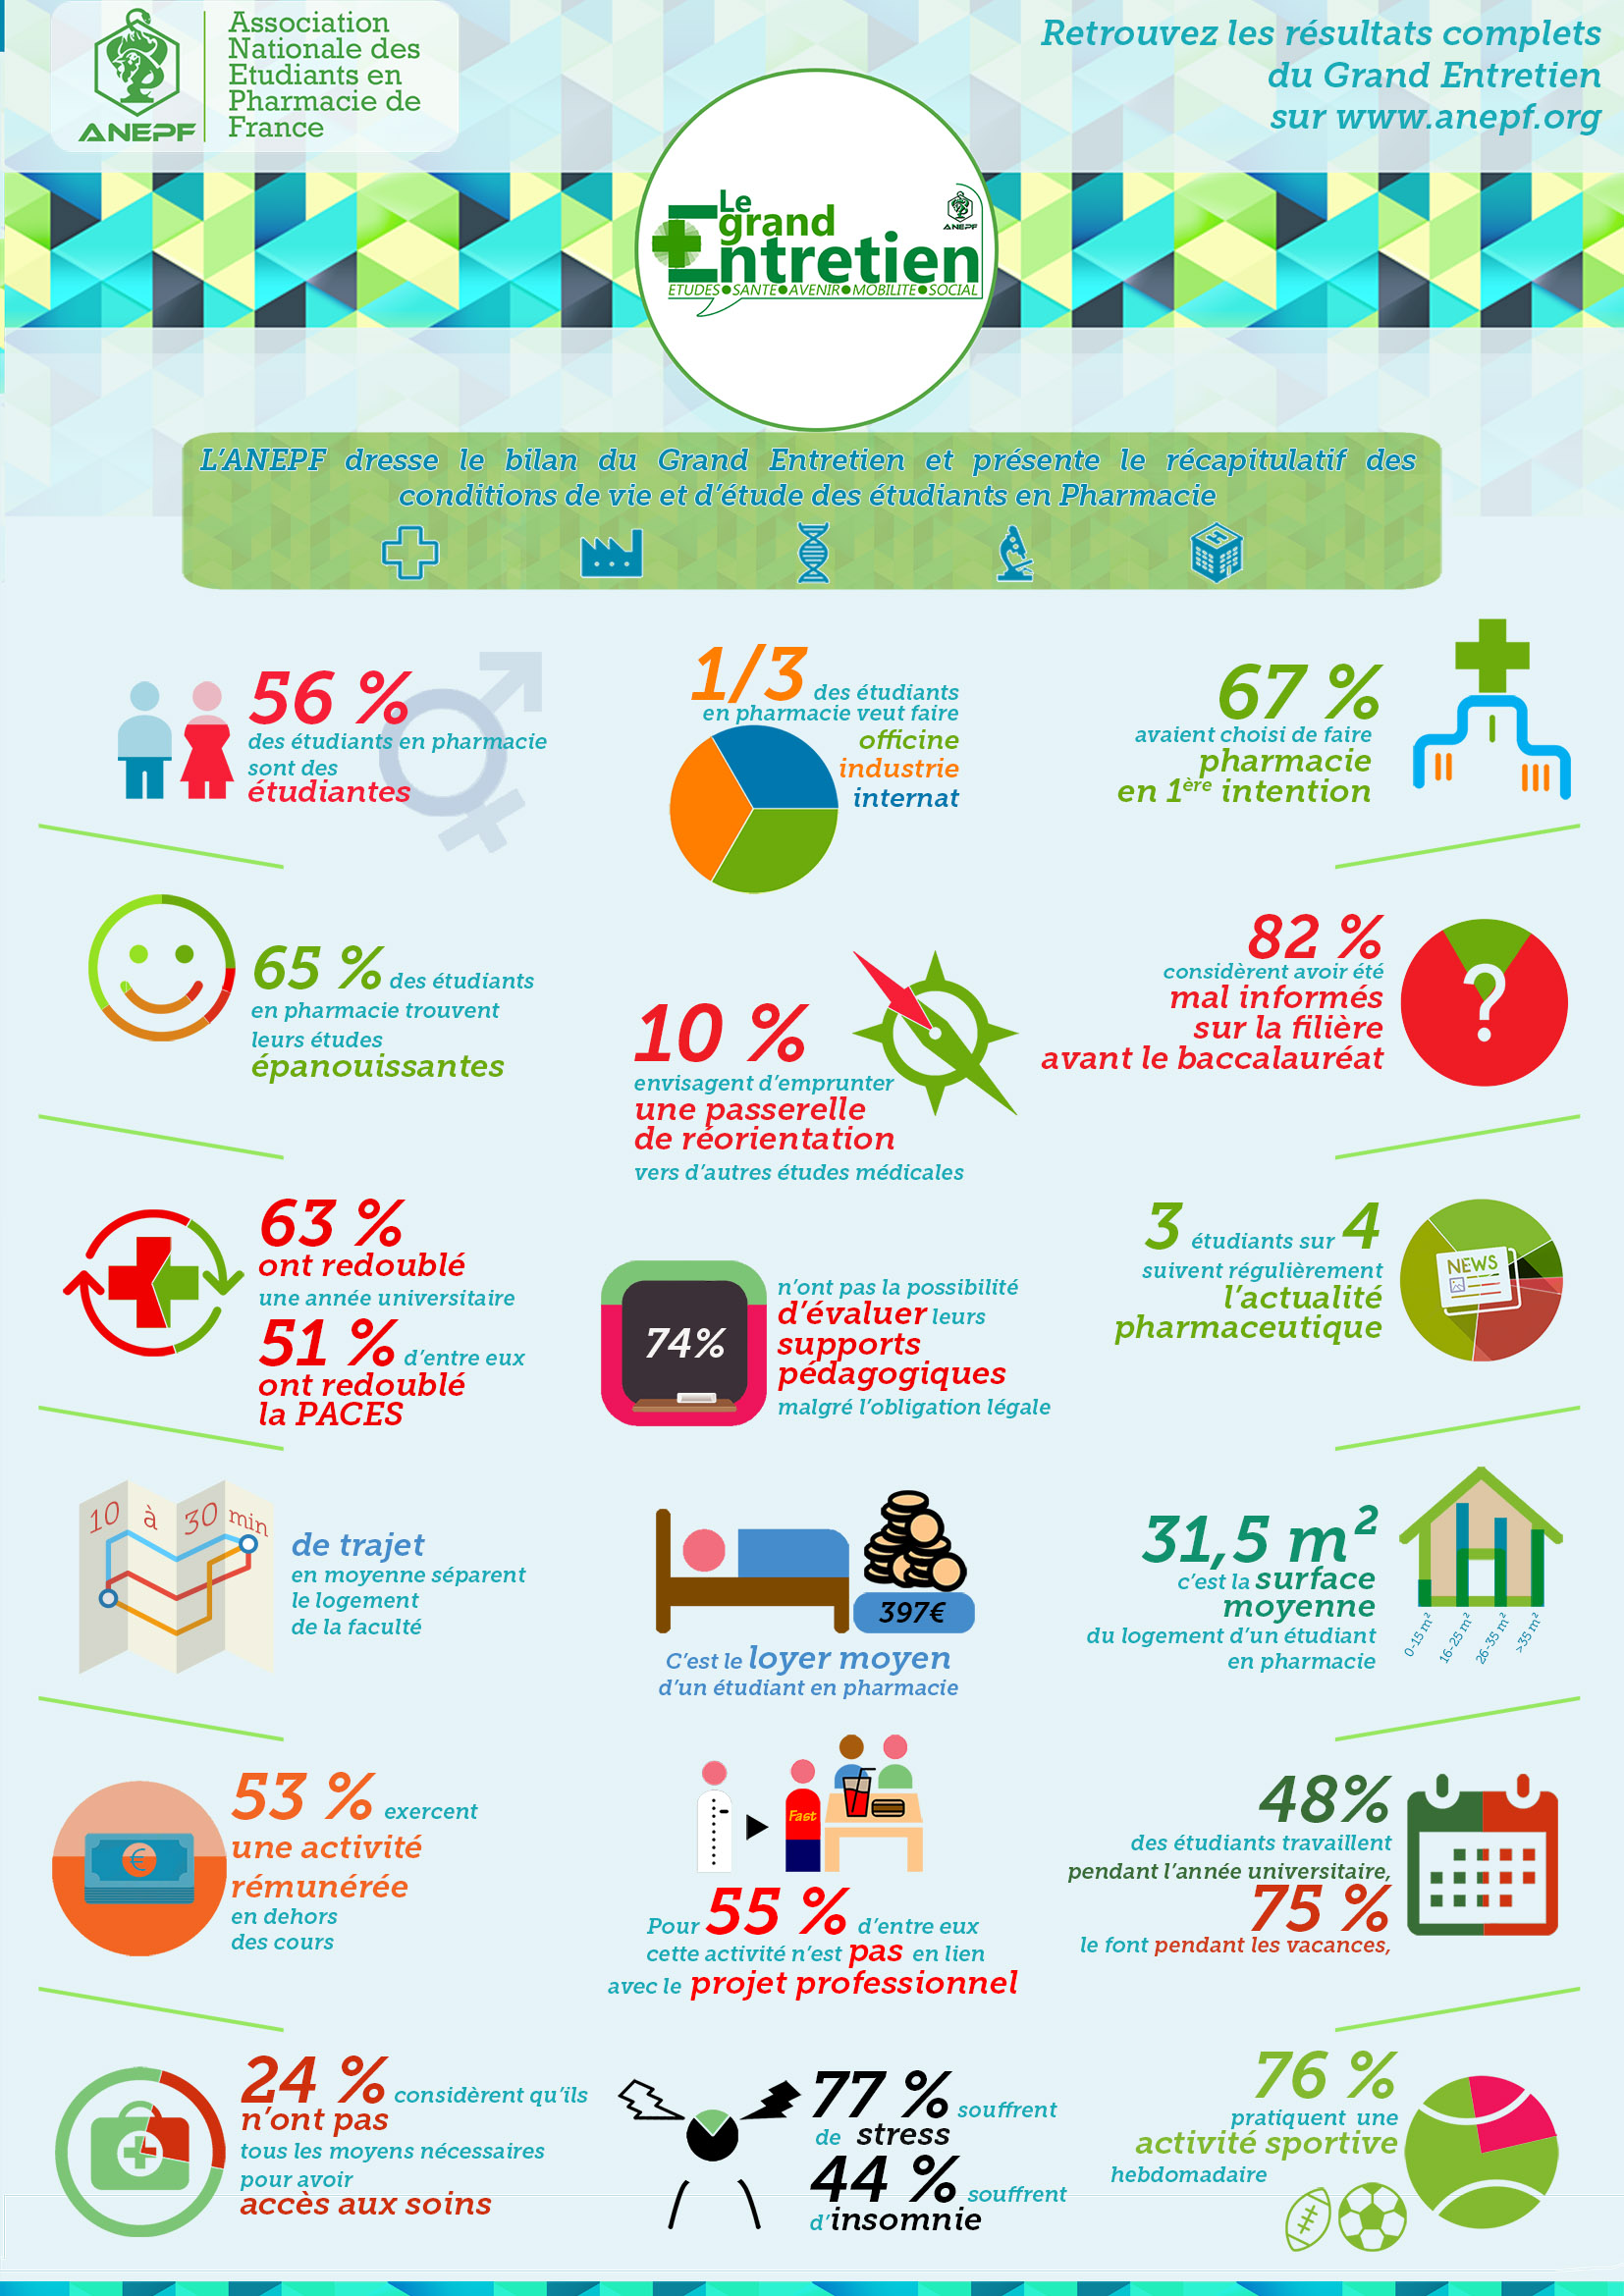 Le grand Entretien - Infographie